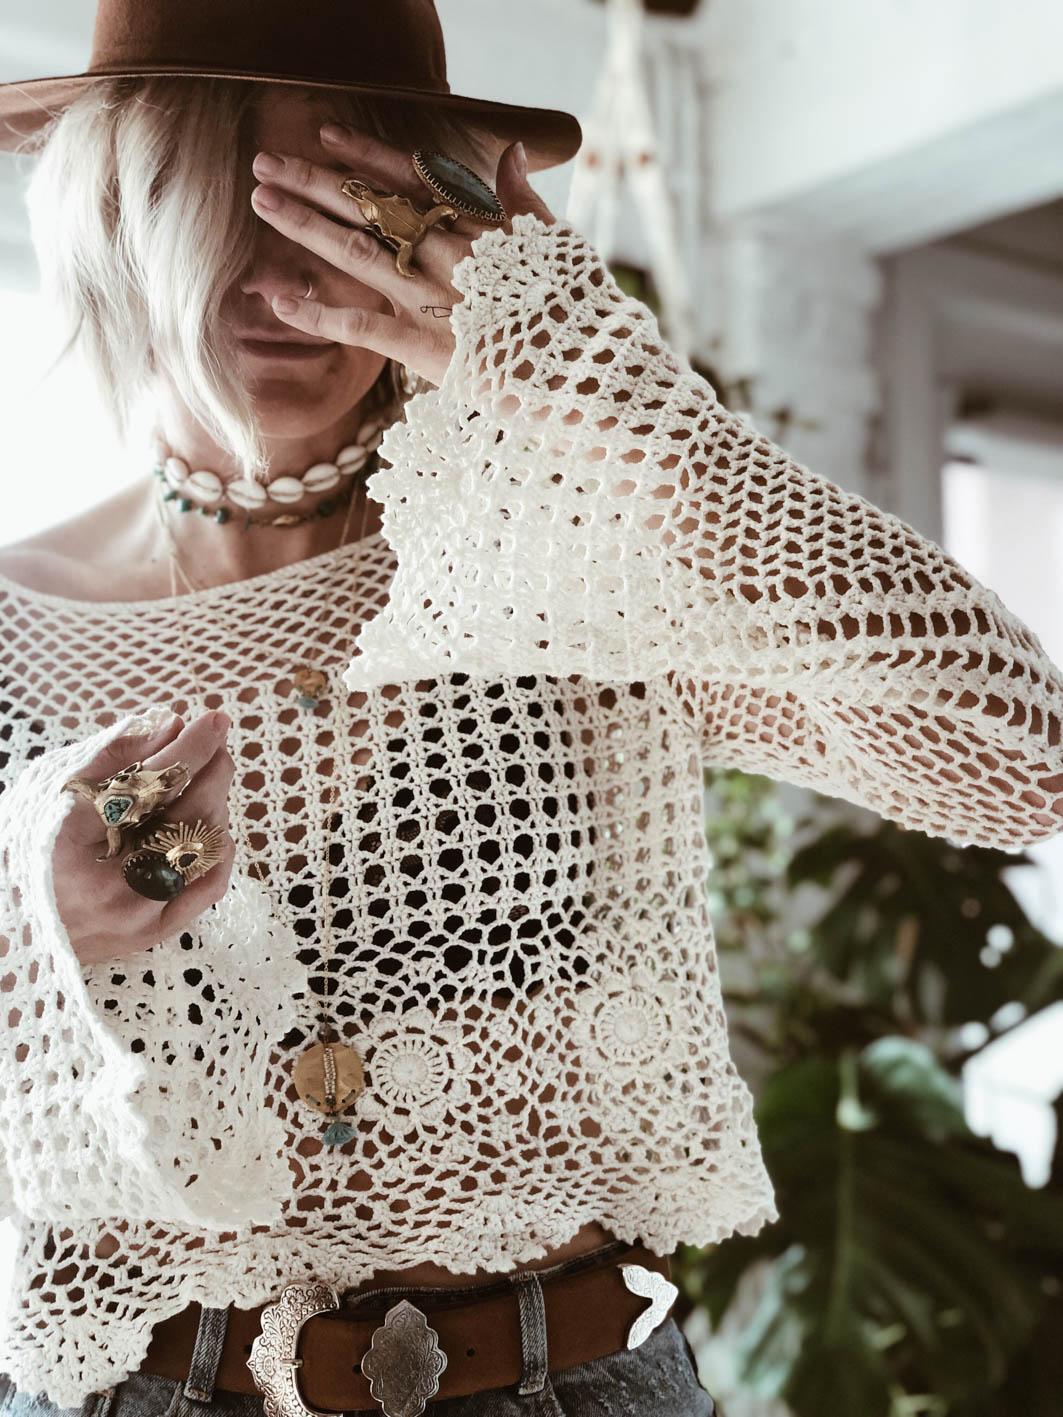 Carnet Sauvage - Blog mode et tendances, idée look Coachella vibes